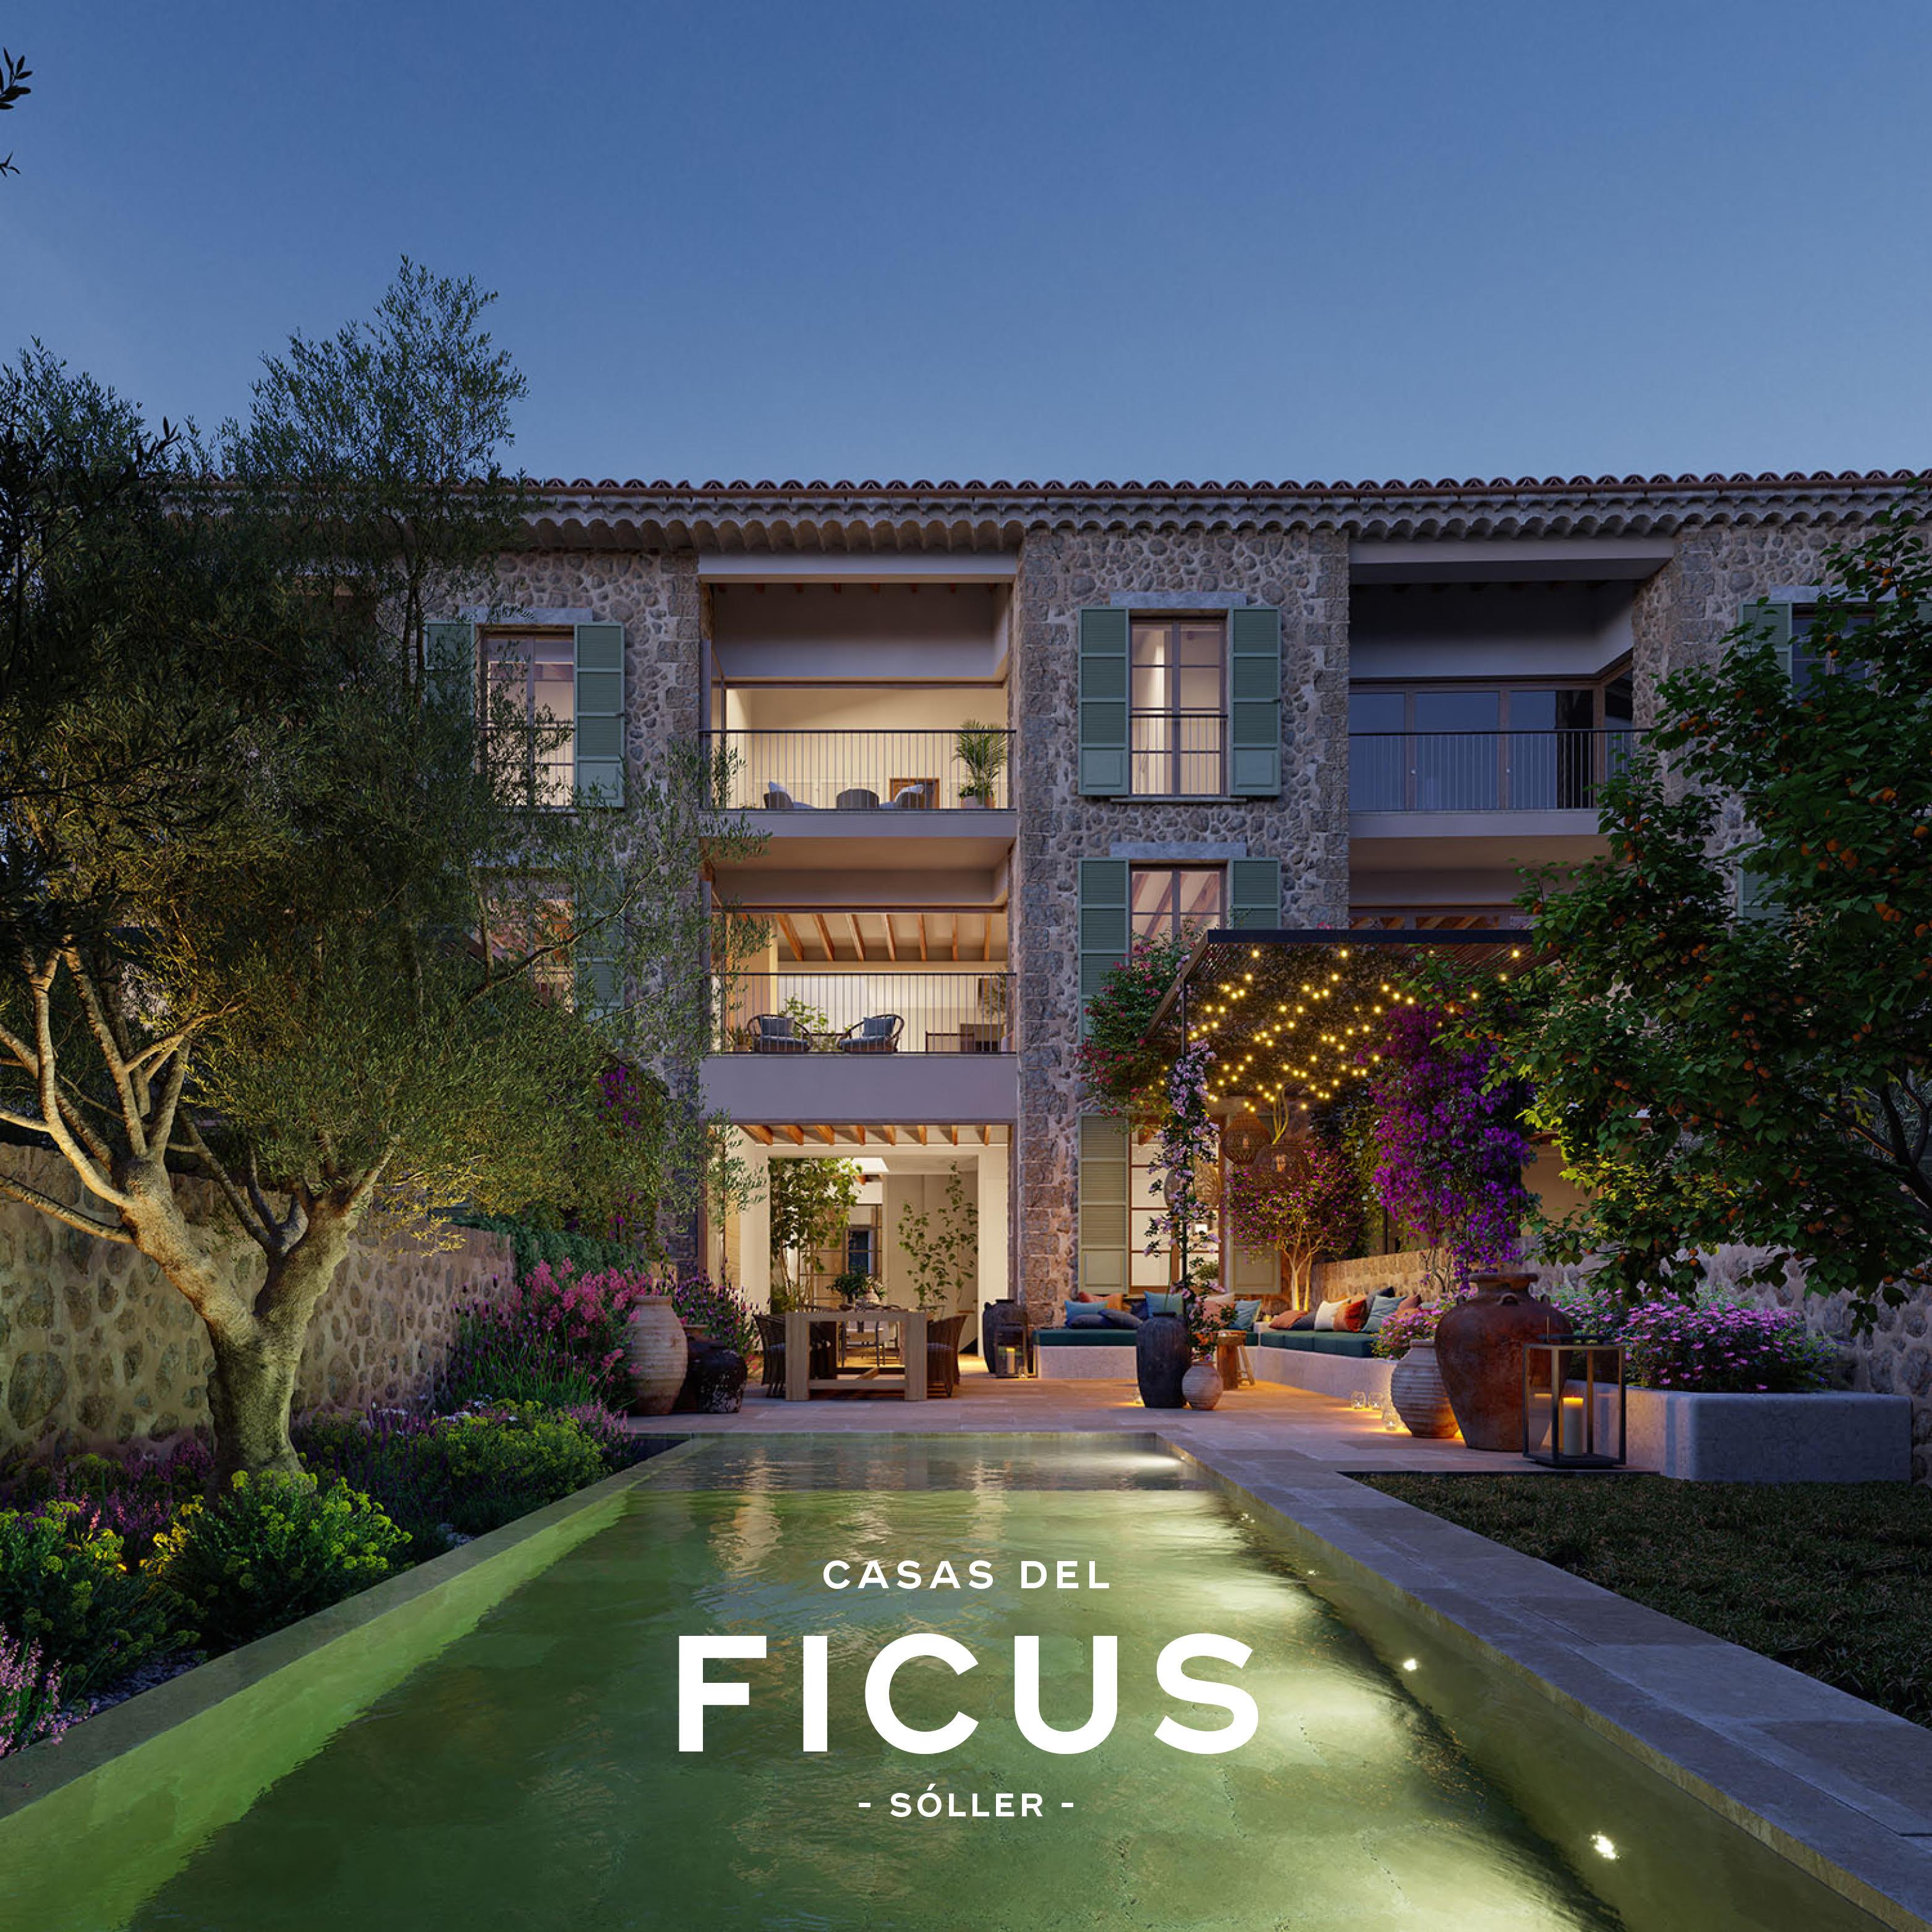 Casas Ficus branding renderings